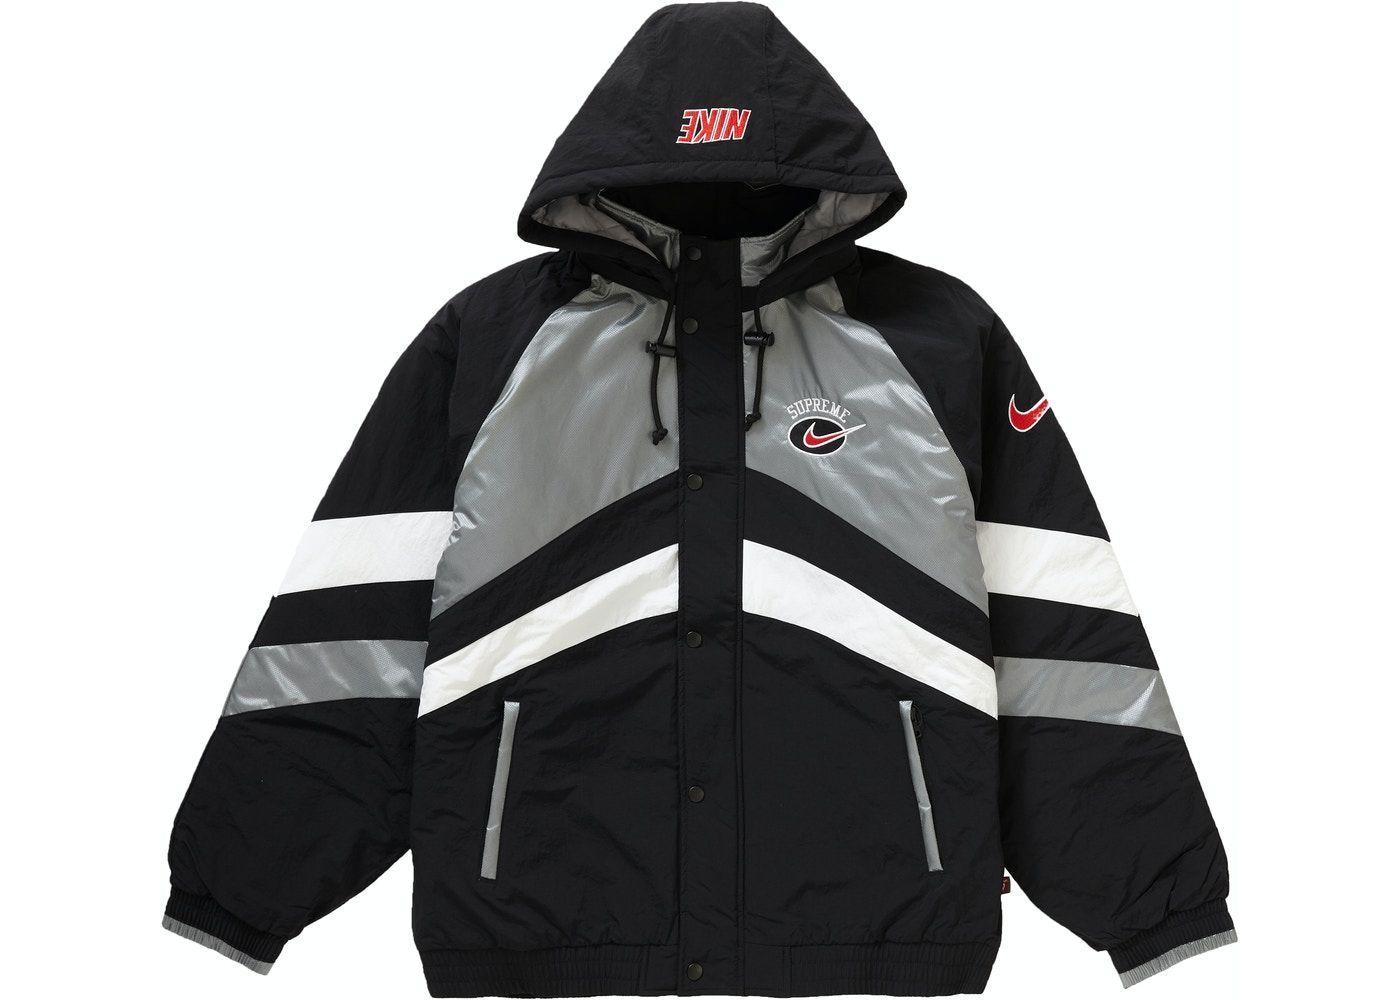 Jetez Un Coup D œil A Cet Article Sur Stockx Supreme Nike Hooded Sport Jacket Silver Sports Jacket Nike Jackets [ 1000 x 1400 Pixel ]